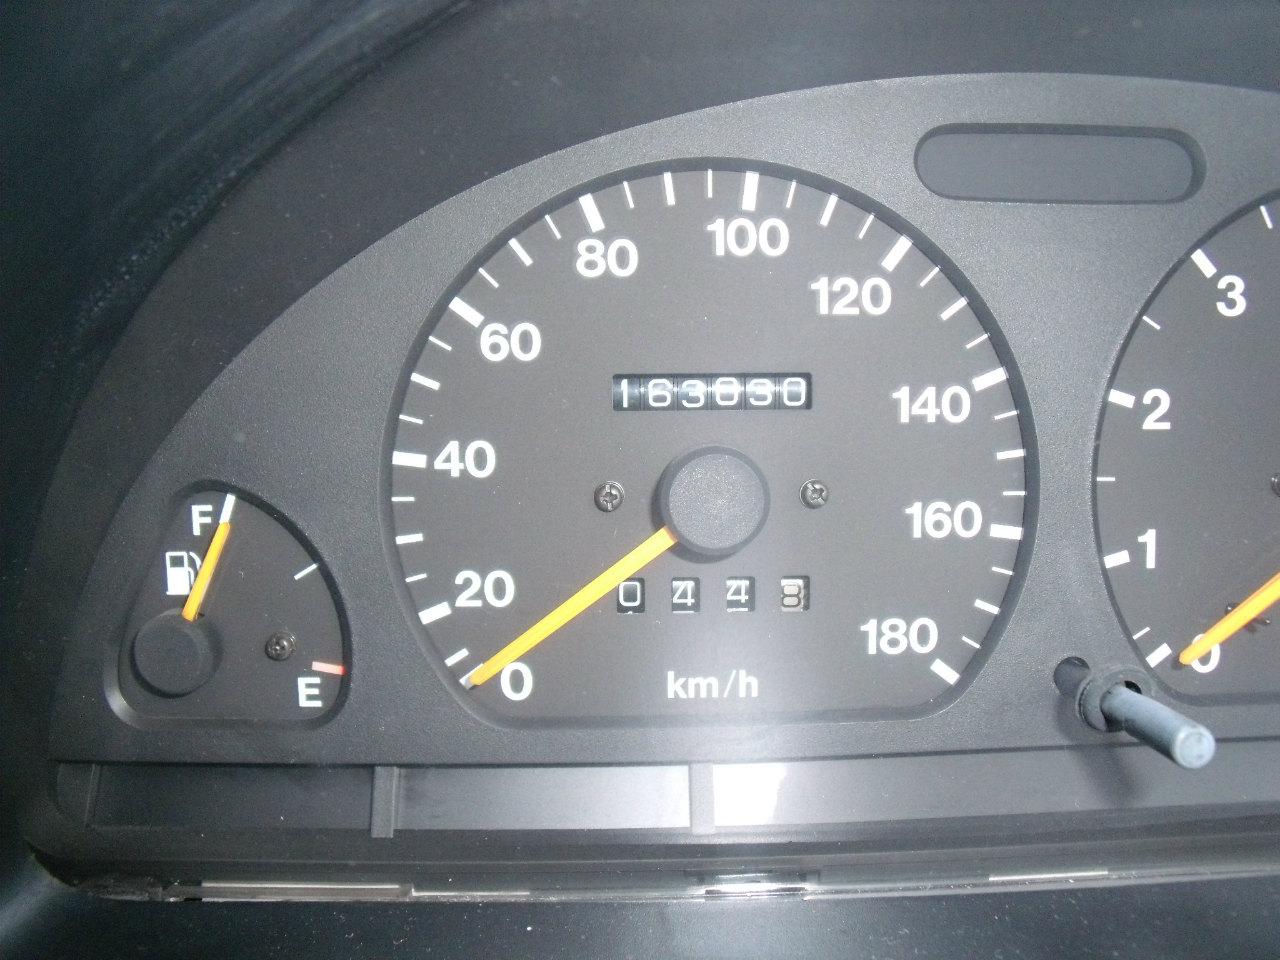 エンジンオイル交換(163,030km時点)